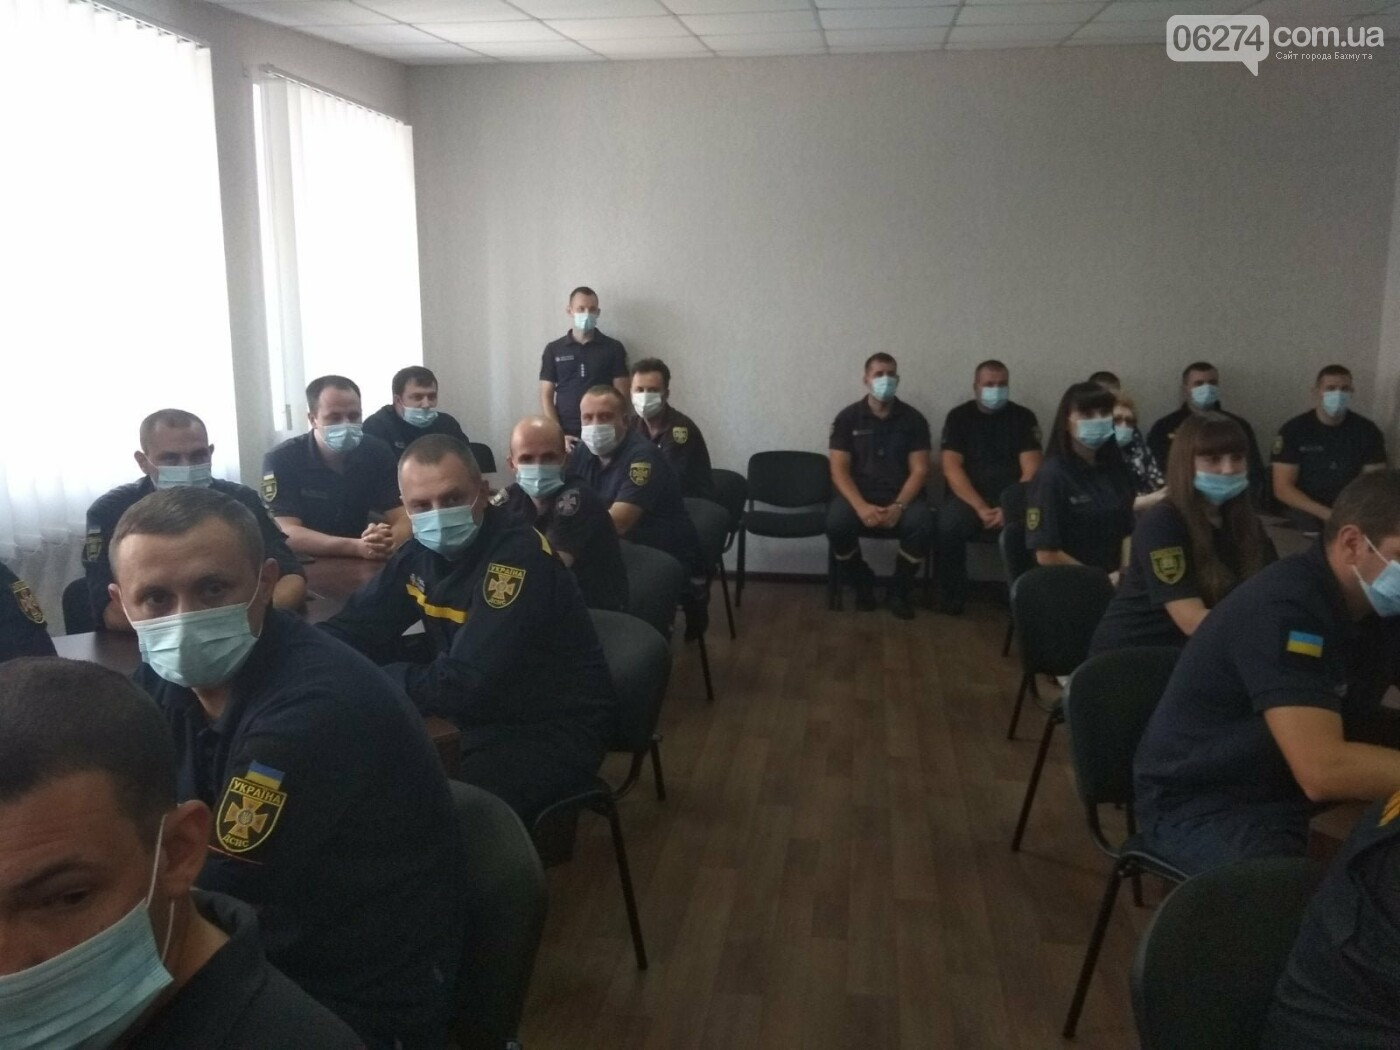 Городской голова поздравил с профессиональным праздником спасателей 8-го ГПСО ГУ ГСЧС Украины, фото-4